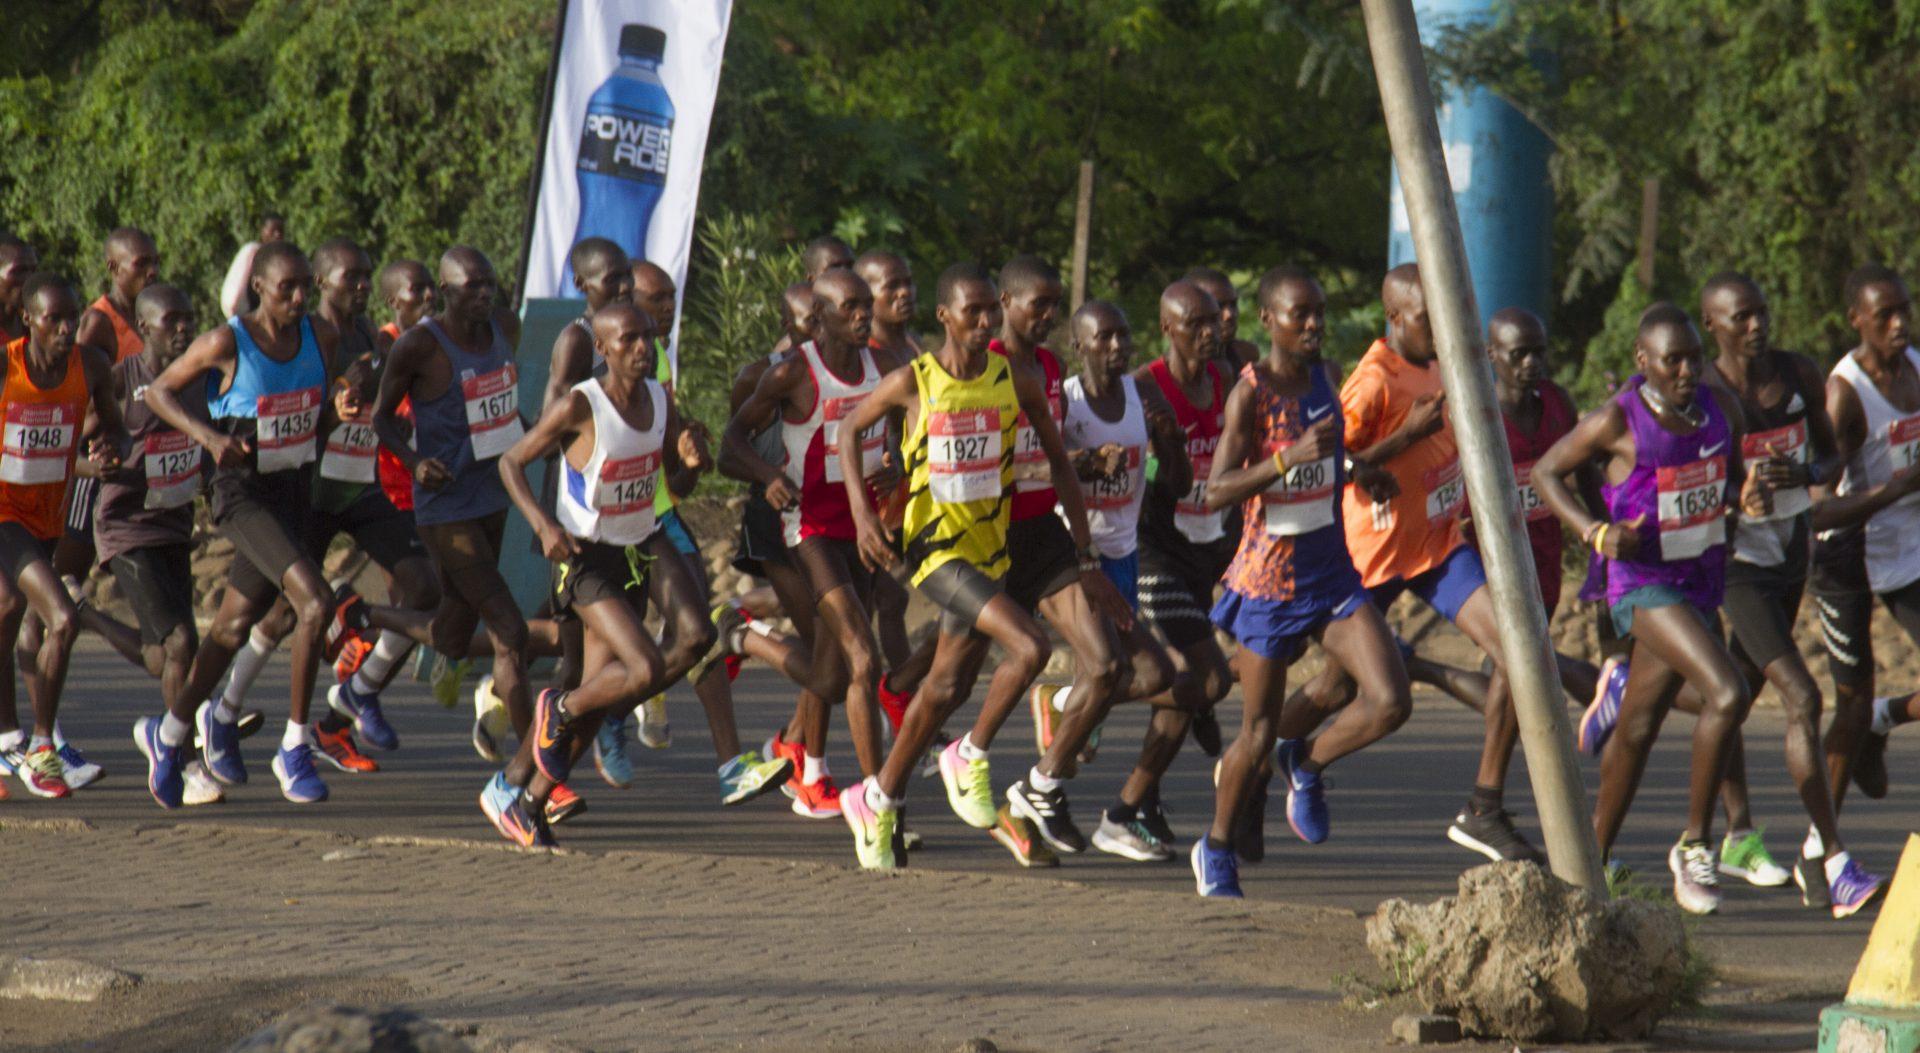 https://www.nairobimarathon.com/wp-content/uploads/2021/07/MG_4351.jpg